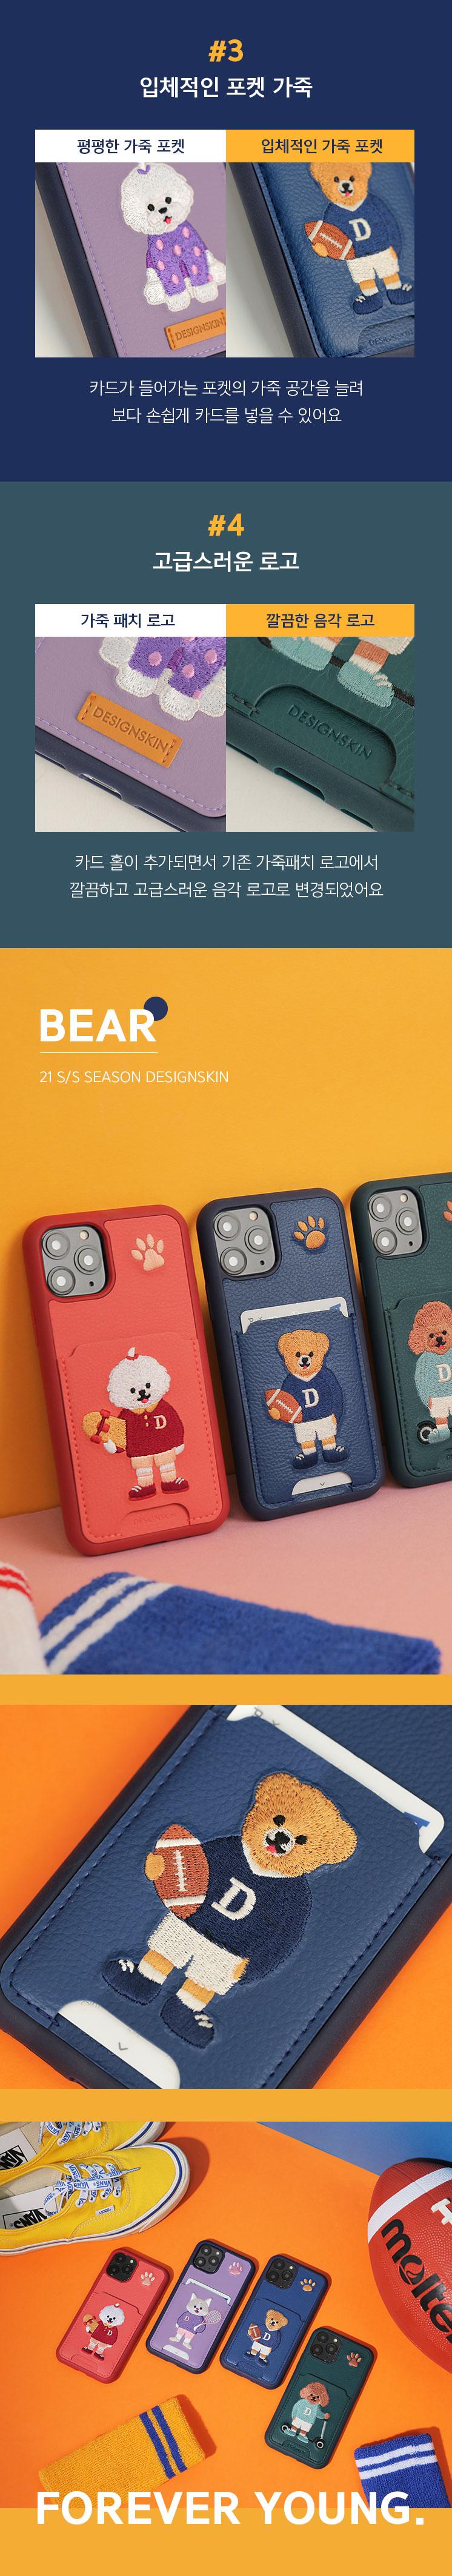 디자인스킨(DESIGNSKIN) 아이폰/갤럭시/갤럭시노트 자수 포켓 디킨 프렌즈 케이스